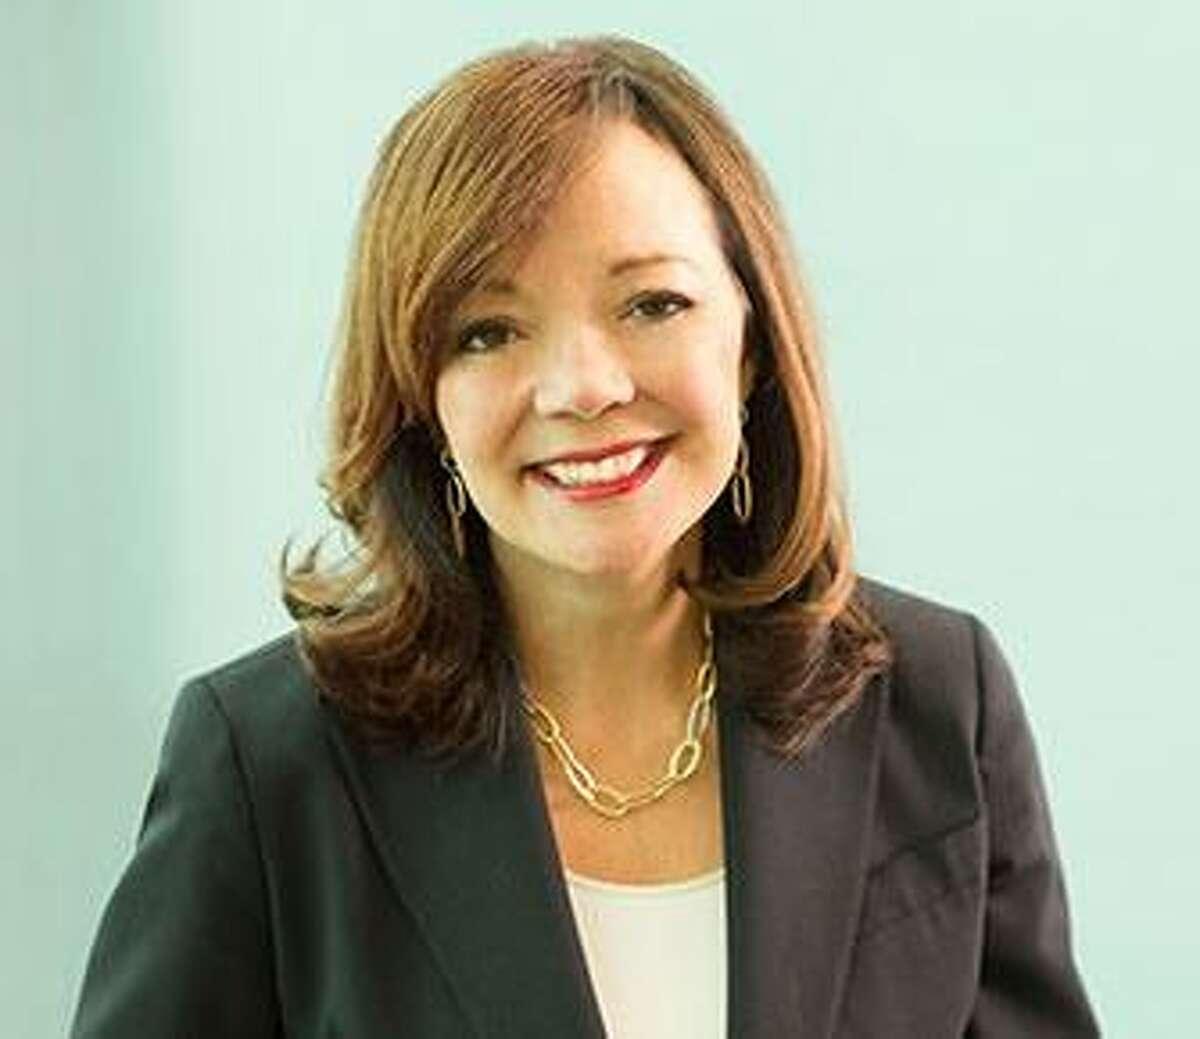 Judge Karen Gren Scholer